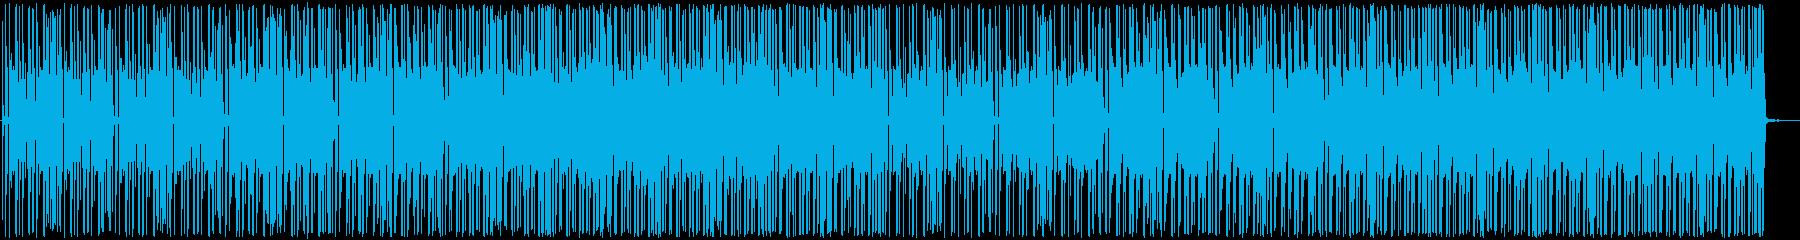 未来IT-動画PVなどのシンセエレクトロの再生済みの波形